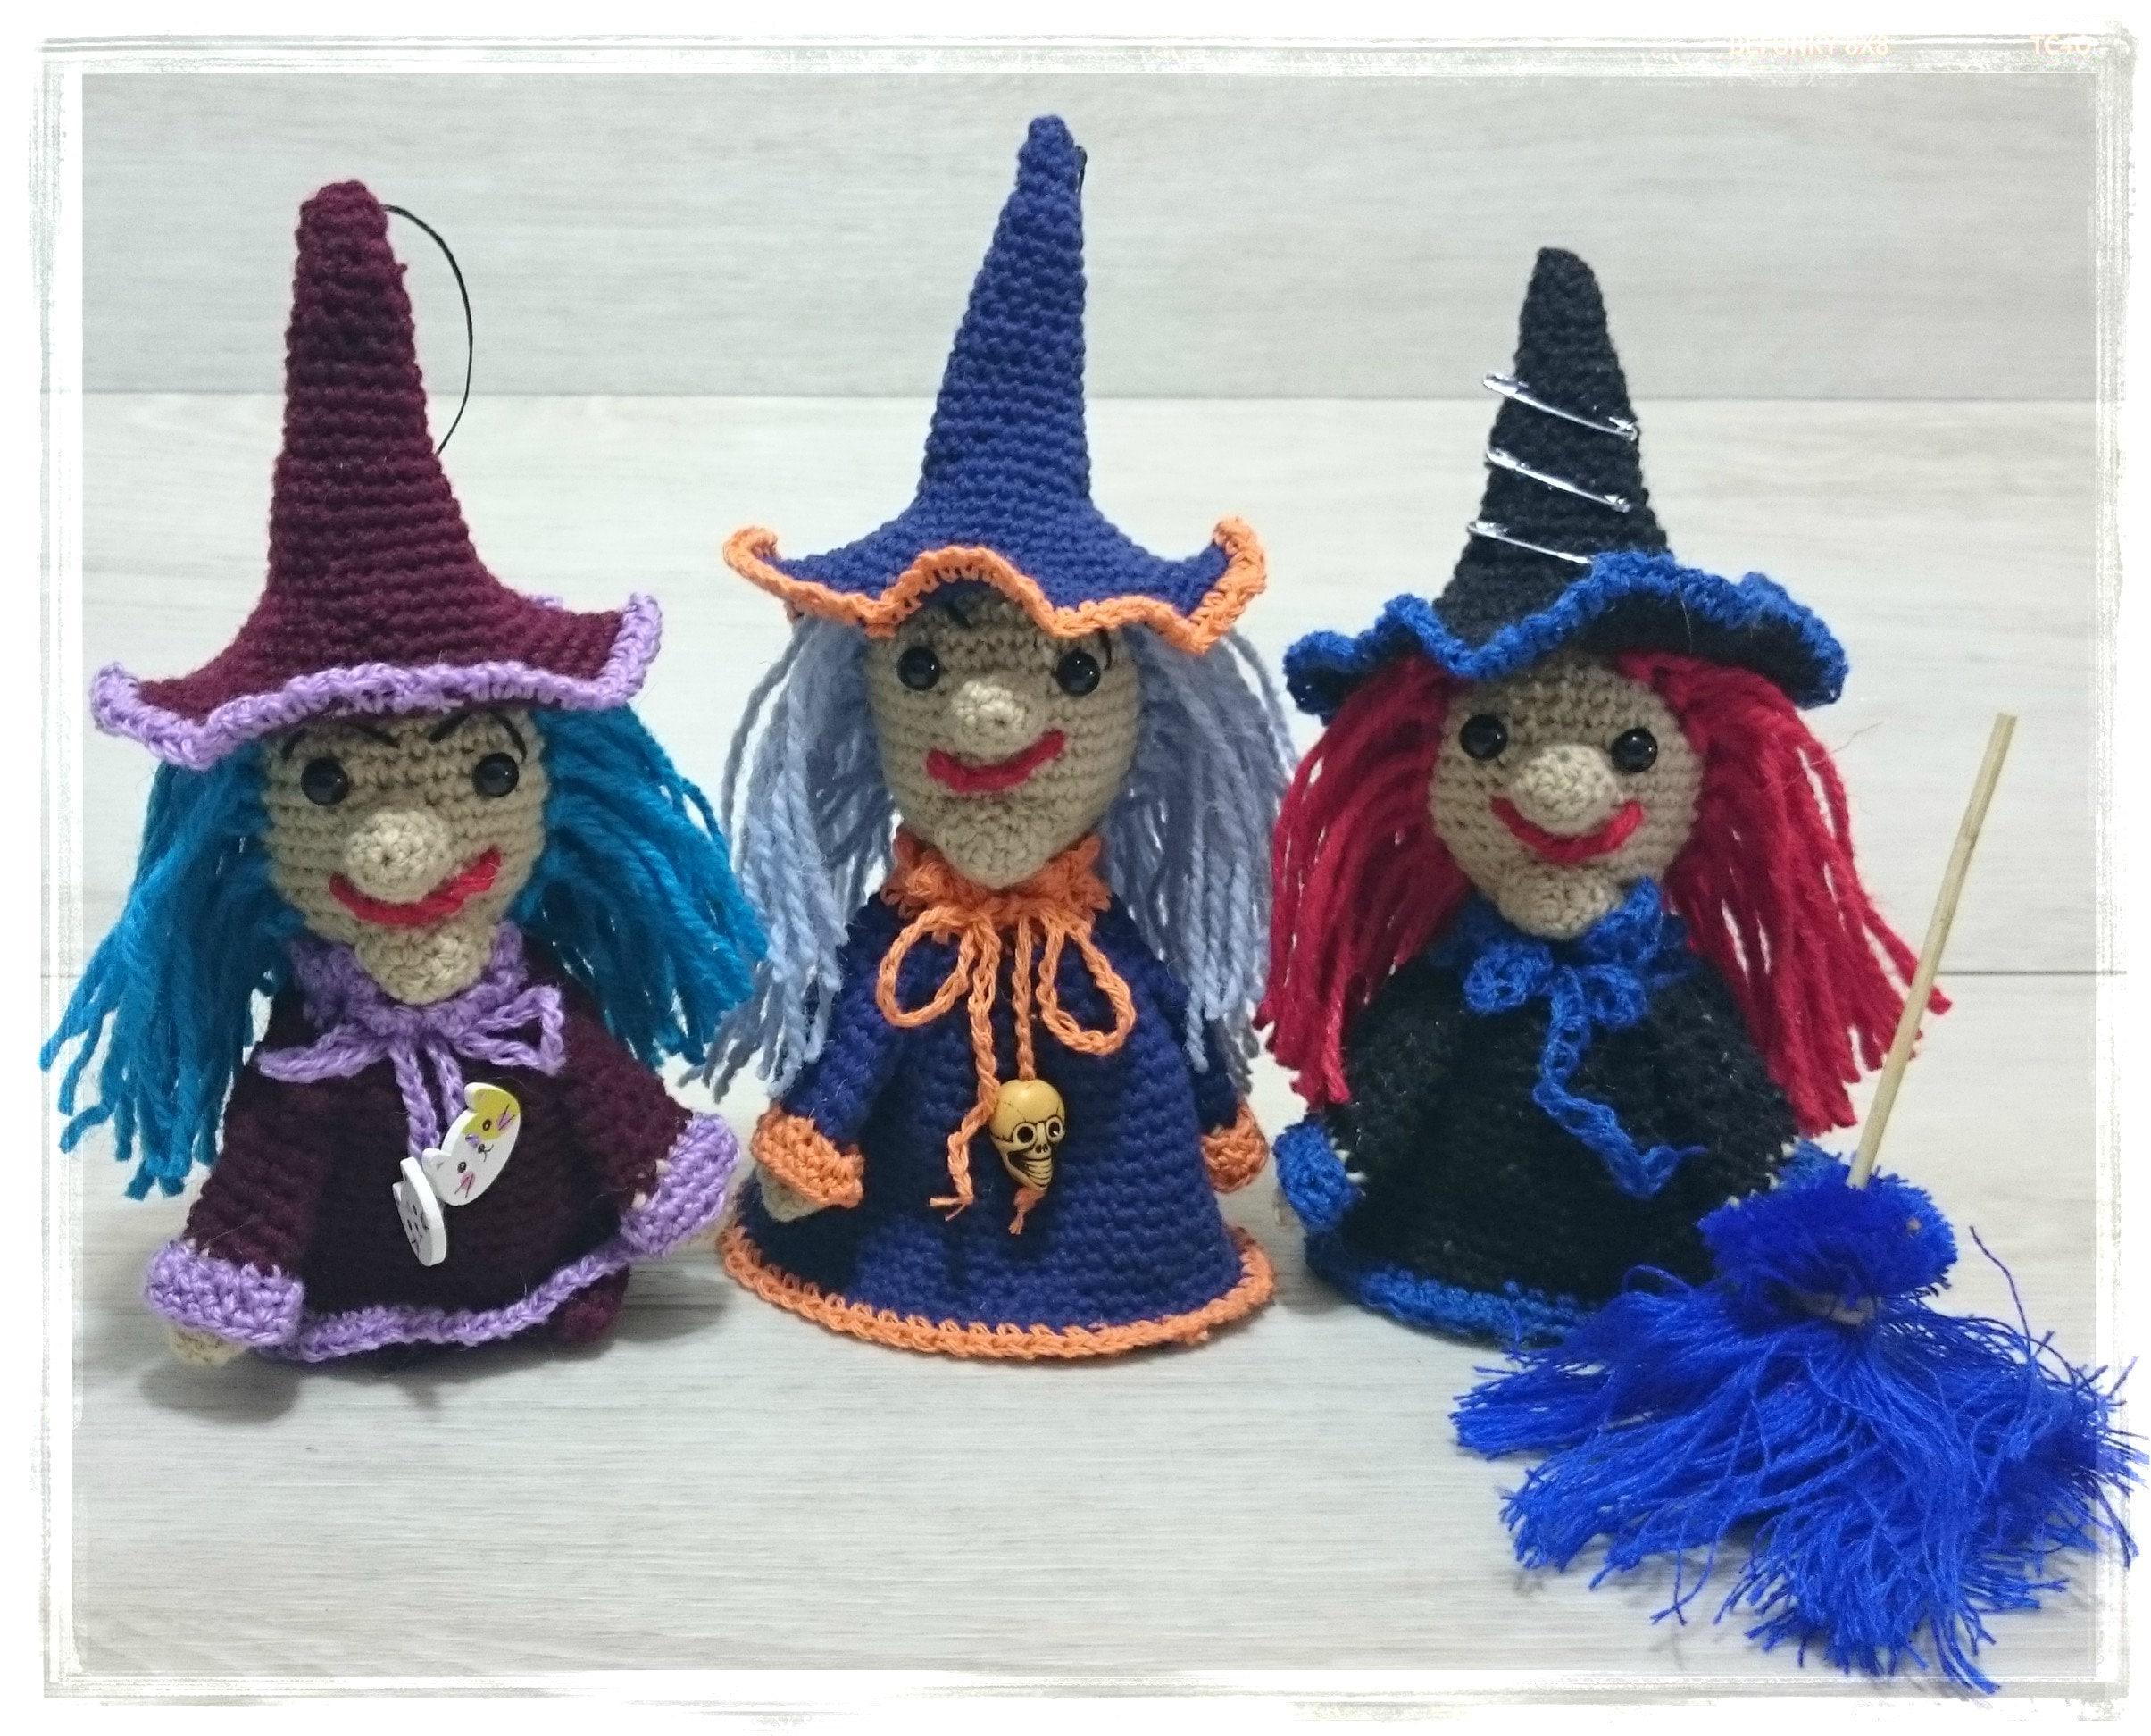 Küche Hexe Puppe hängen von Hand gestrickt Spielzeug | Etsy